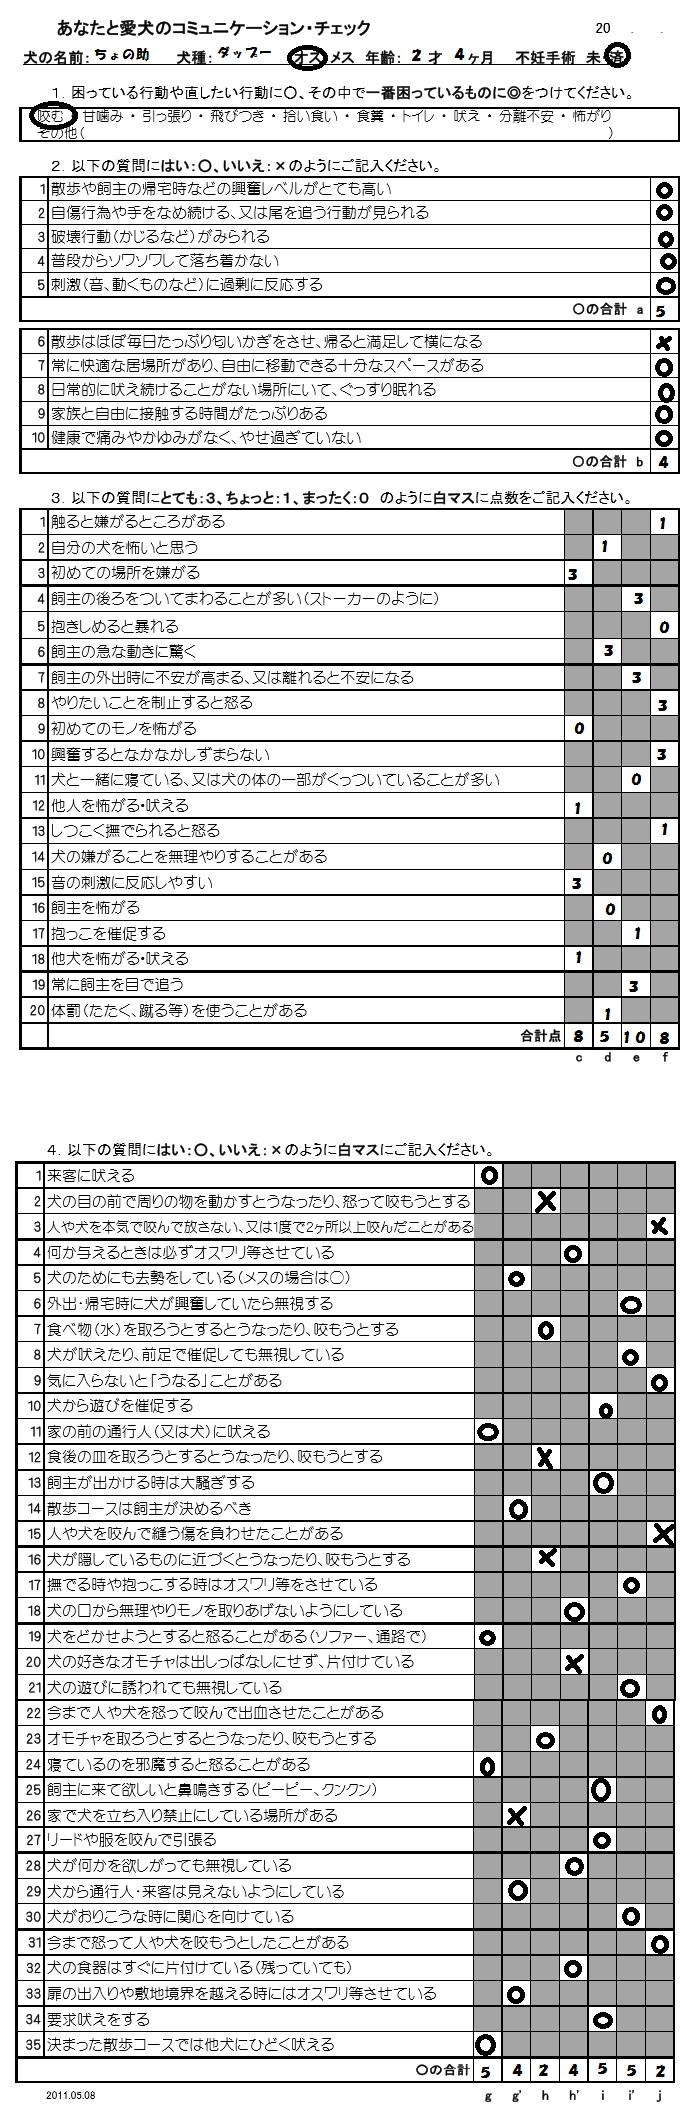 2016100801.jpg